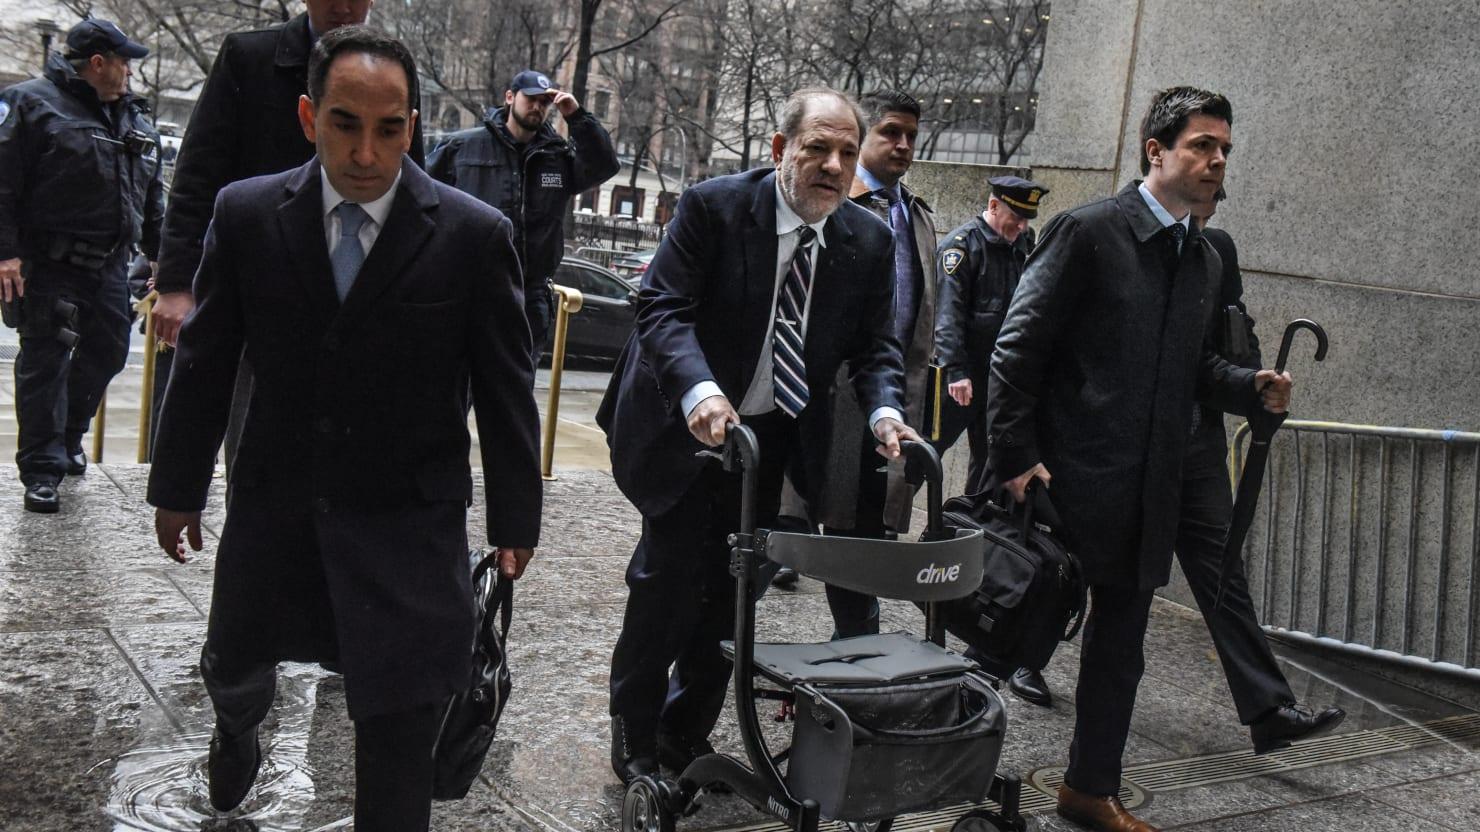 Weinstein Jury Foreman Speaks Out After Verdict: 'It Was Devastating'